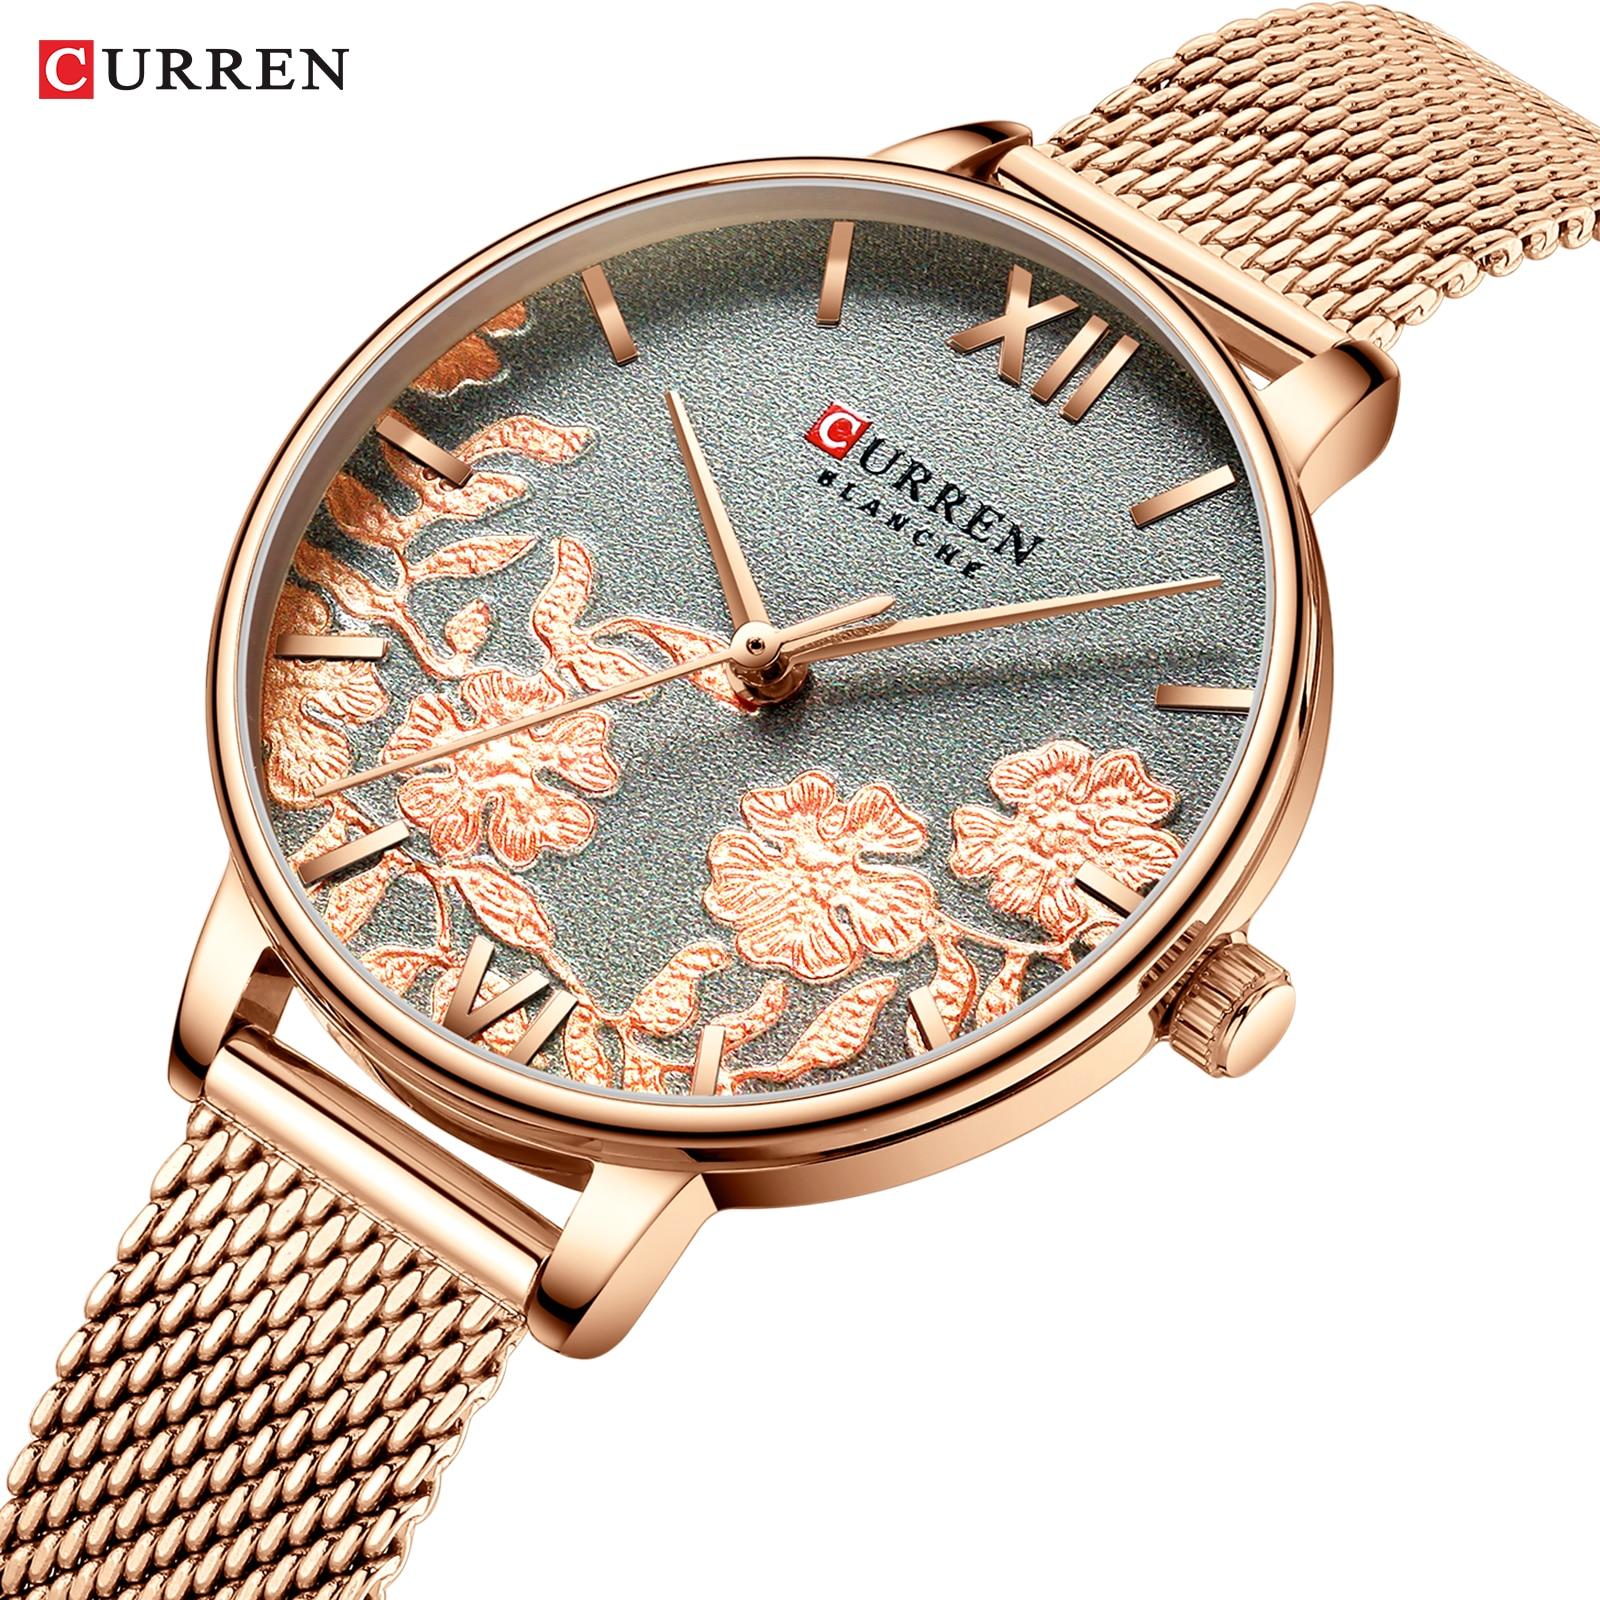 CURREN Women Watches Top Brand Luxury Stainless Steel Strap Wristwatch for Women Rose Clock Stylish Quartz Ladies Watch enlarge